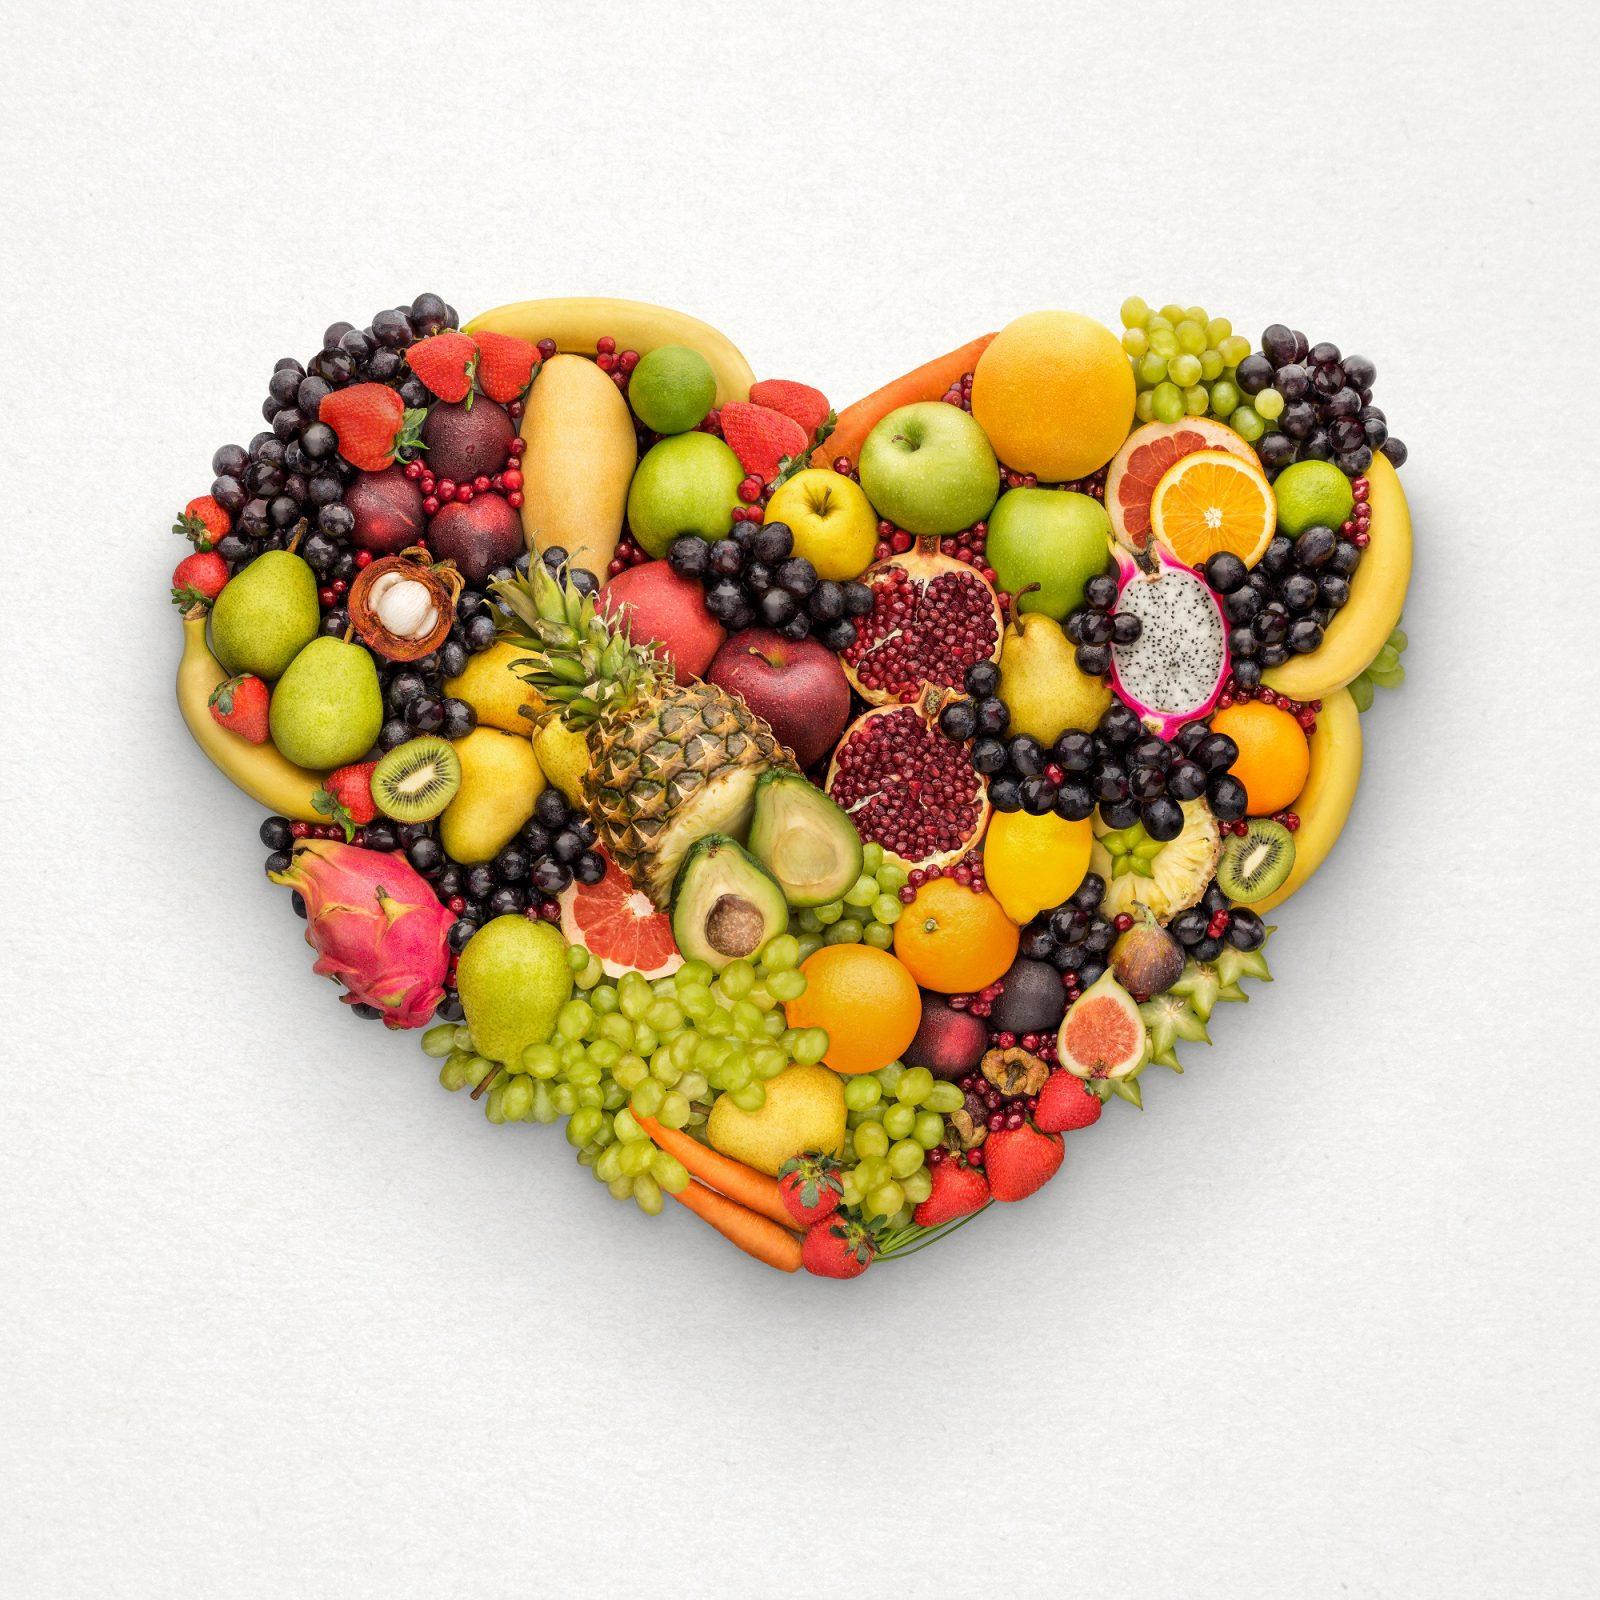 Храненето е превенция срещу десетки заболявания